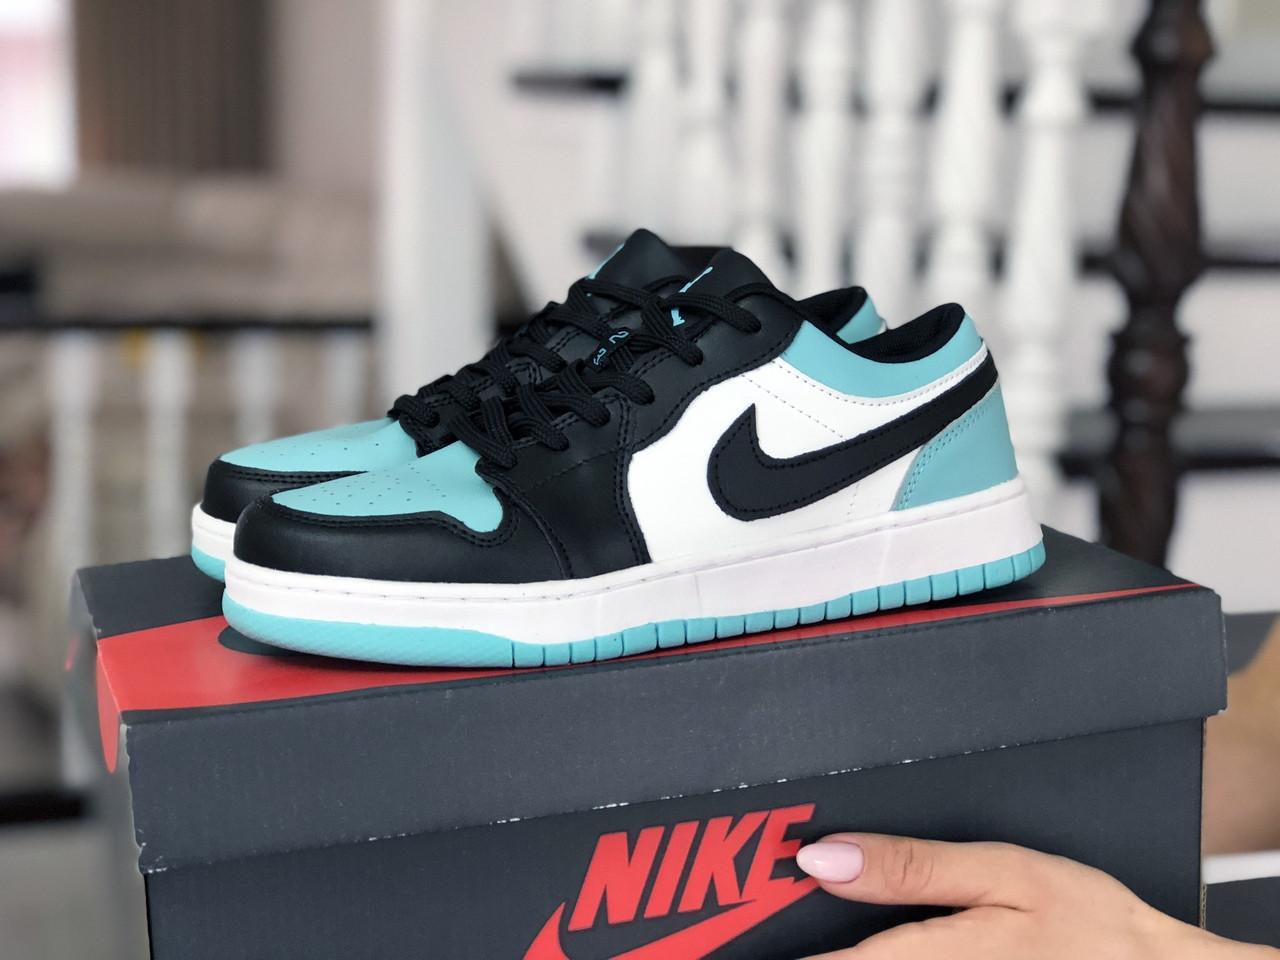 Кроссовки женские Nike Air Jordan 1 Low белые с мятой/черные